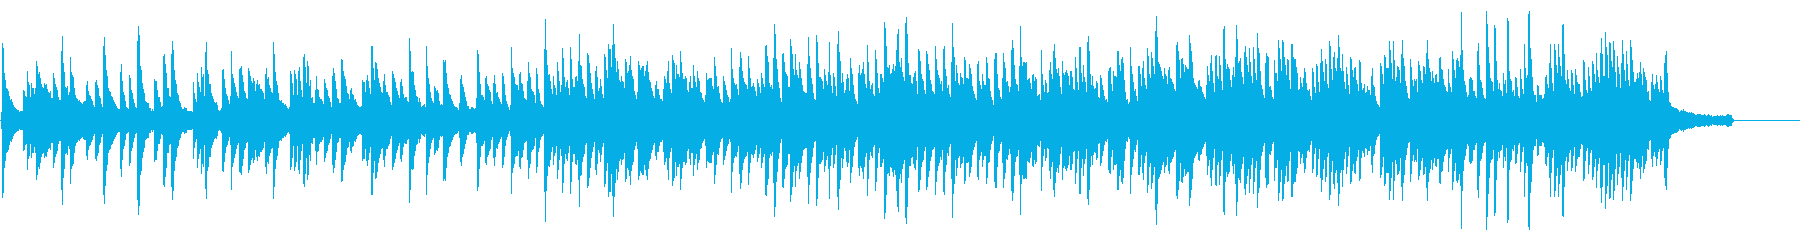 ラウンジ向きカノンをモチーフのピアノソロの再生済みの波形